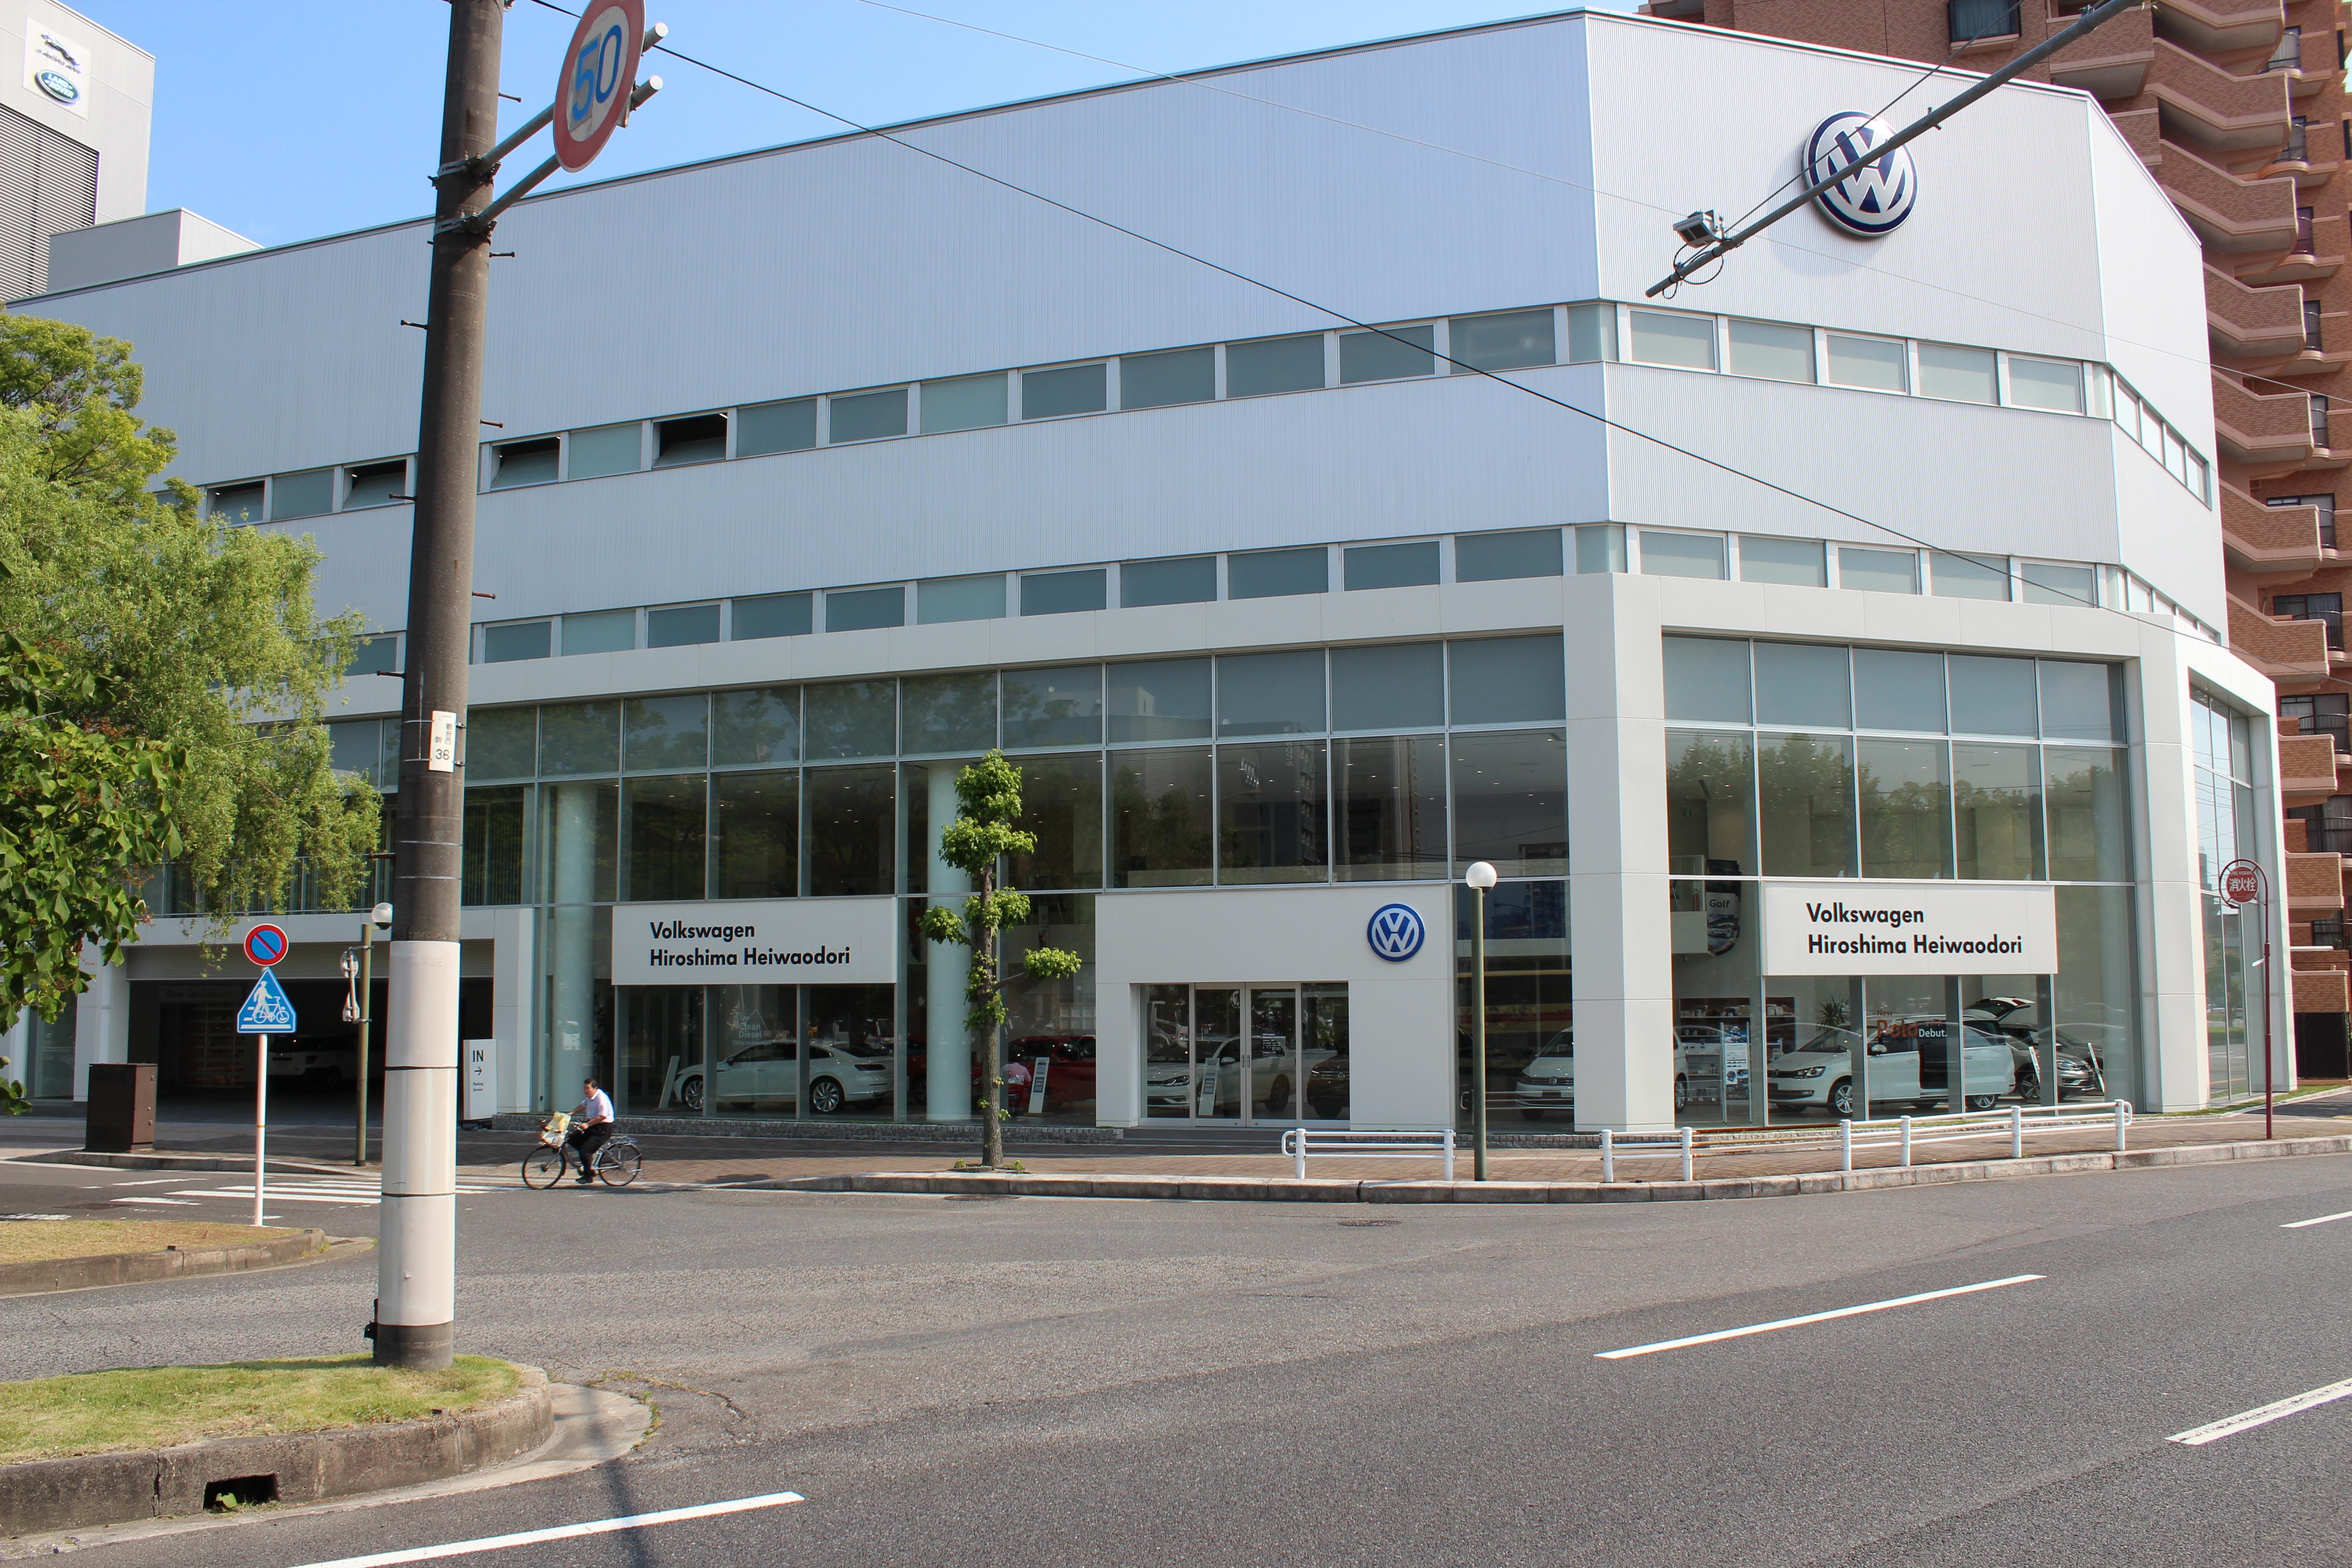 フォルクスワーゲン 広島平和大通り 店舗紹介